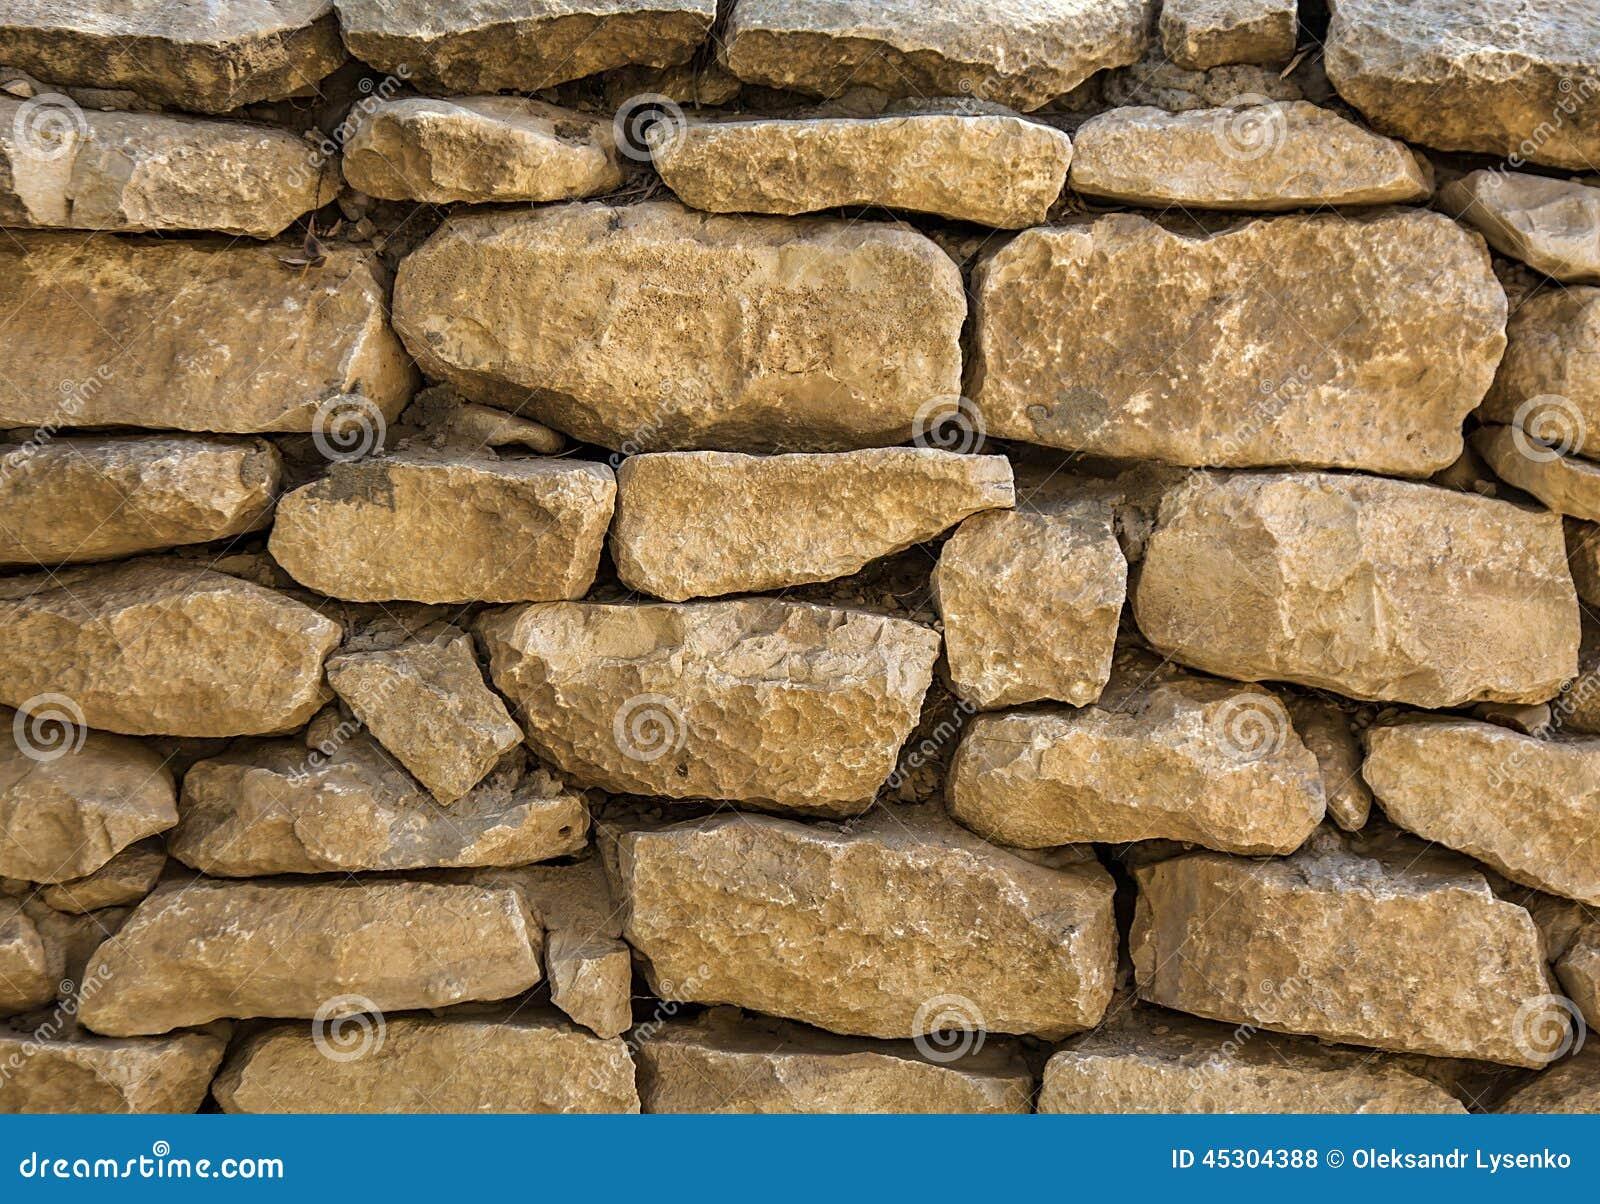 Vintage de piedra natural de la levantamiento de muros - Muro de piedra natural ...